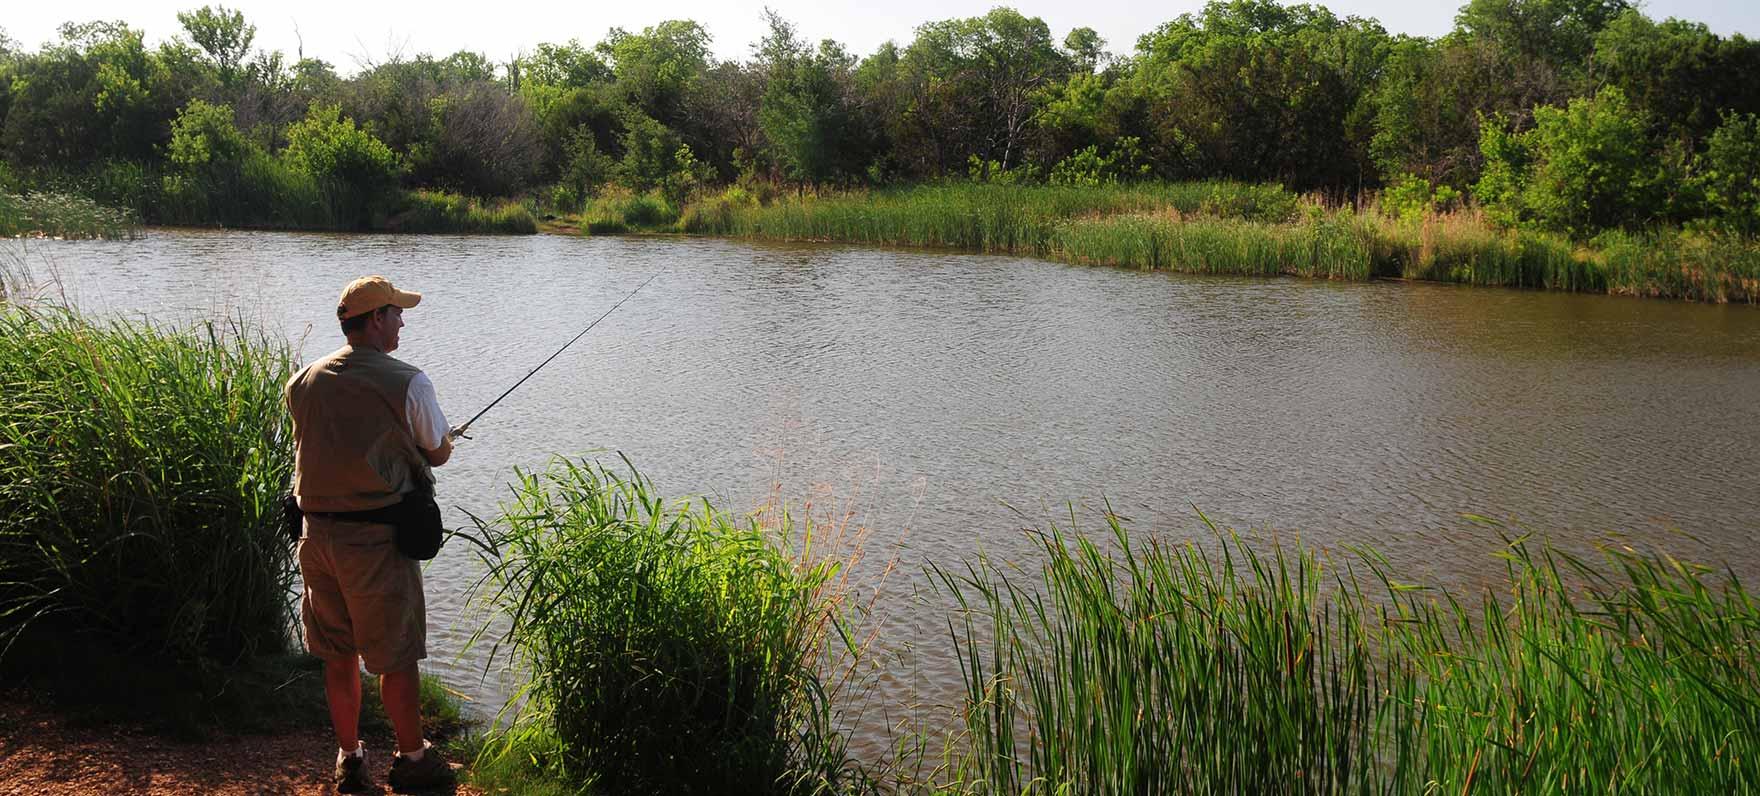 Fishing in the Buffalo Wallow pond.